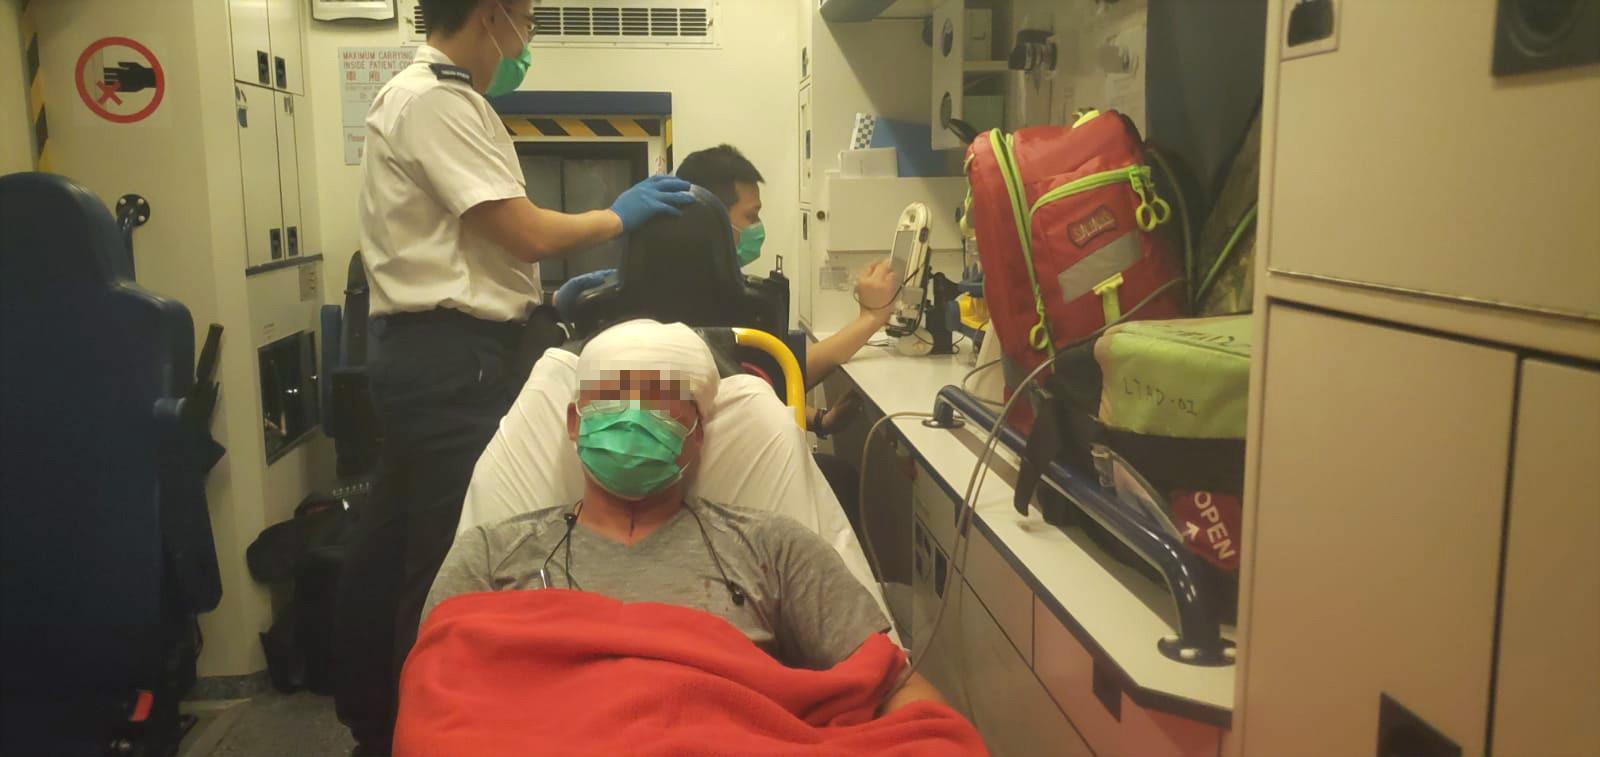 丈夫送醫院治理。